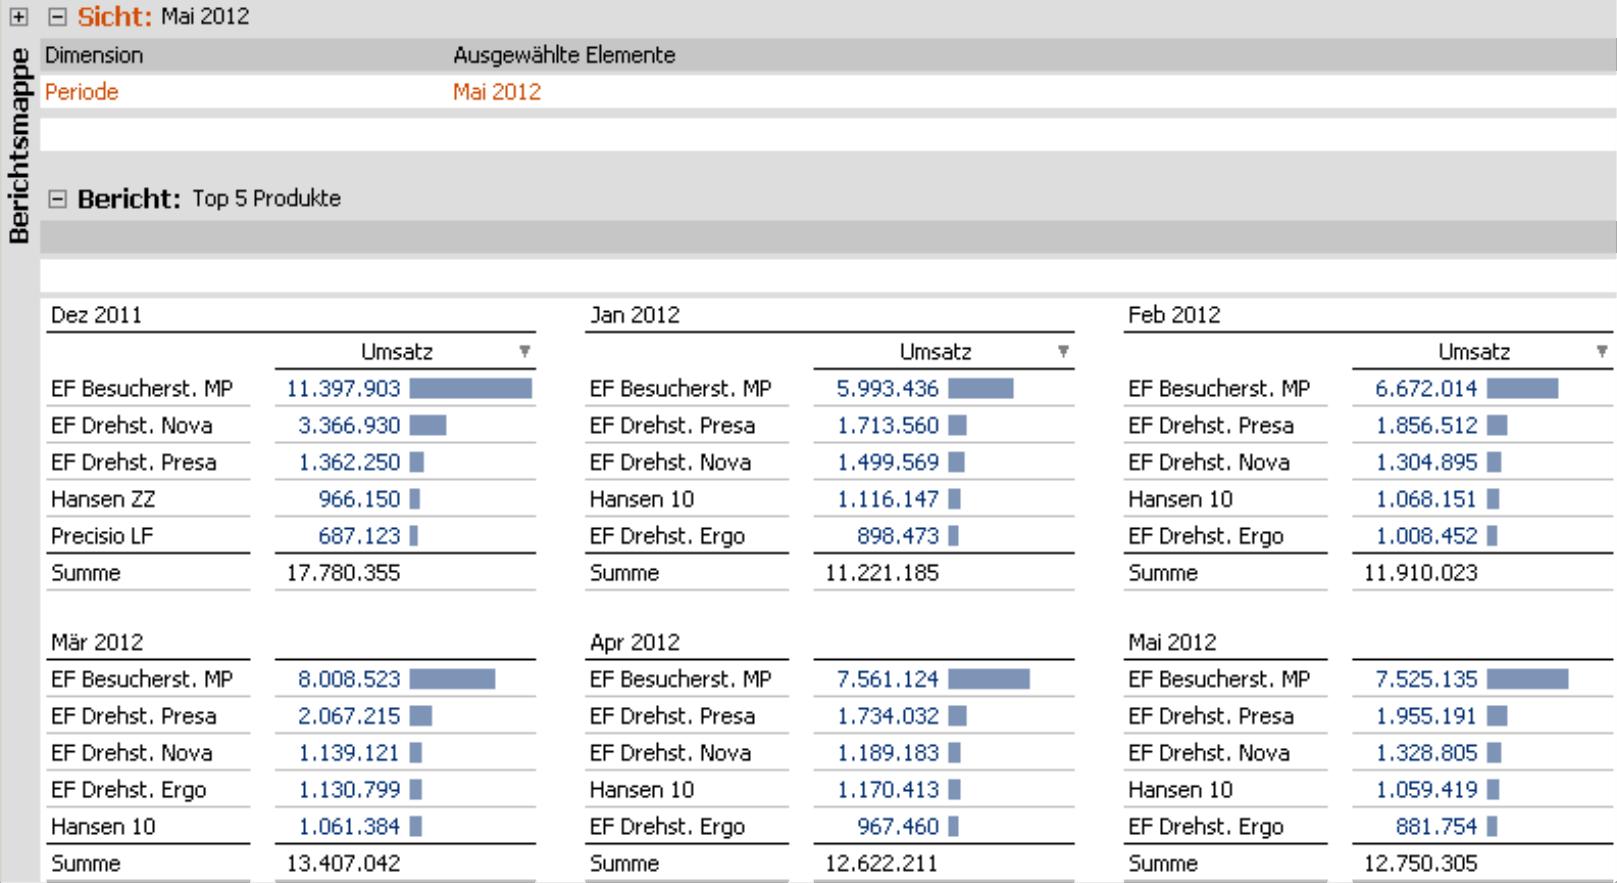 Small Multiples Bericht im Modus Viewer für Top 5 Produkte von Dezember 2011 bis Mai 2012